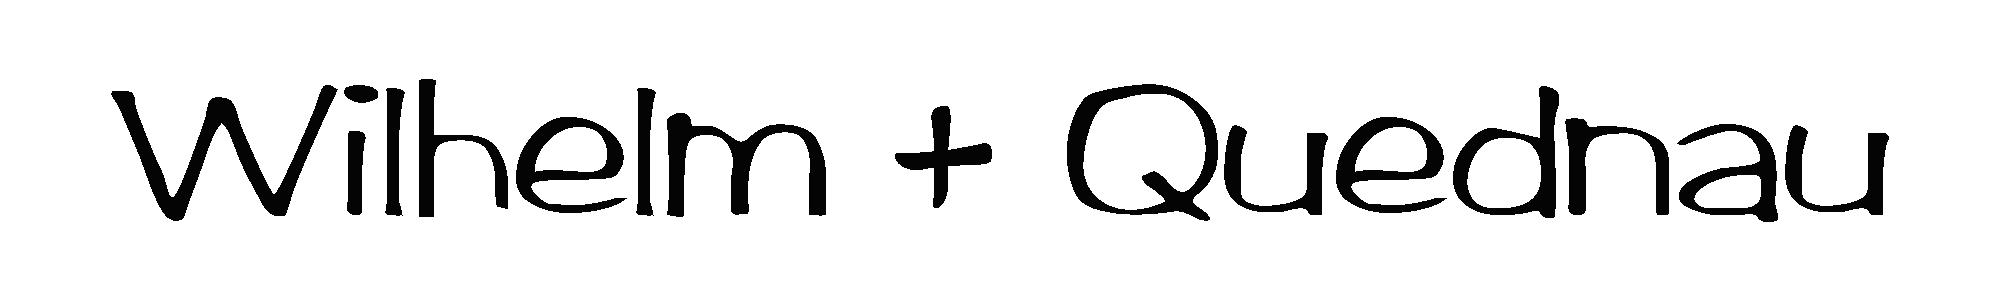 Wilhelm + Quednau Logo